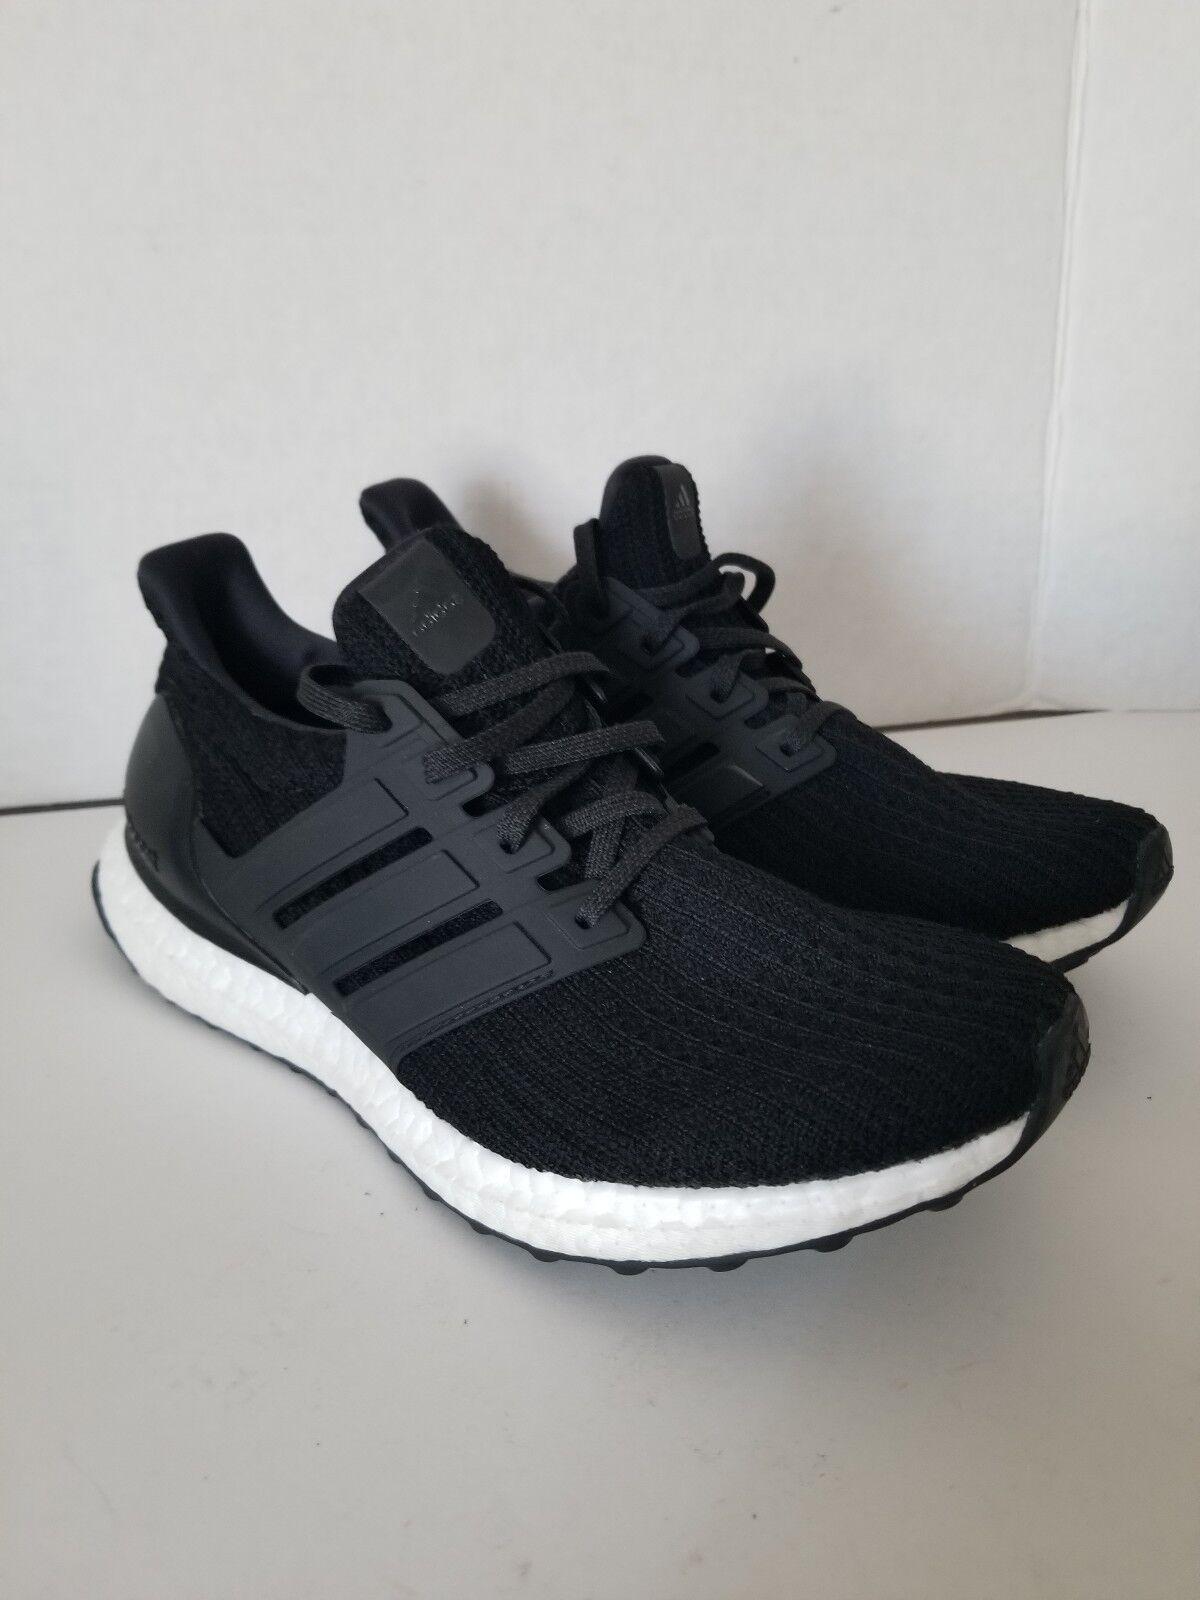 ADIDAS  UltraBoost  Women's Core Black Sneaker Running shoe Size 7   180+